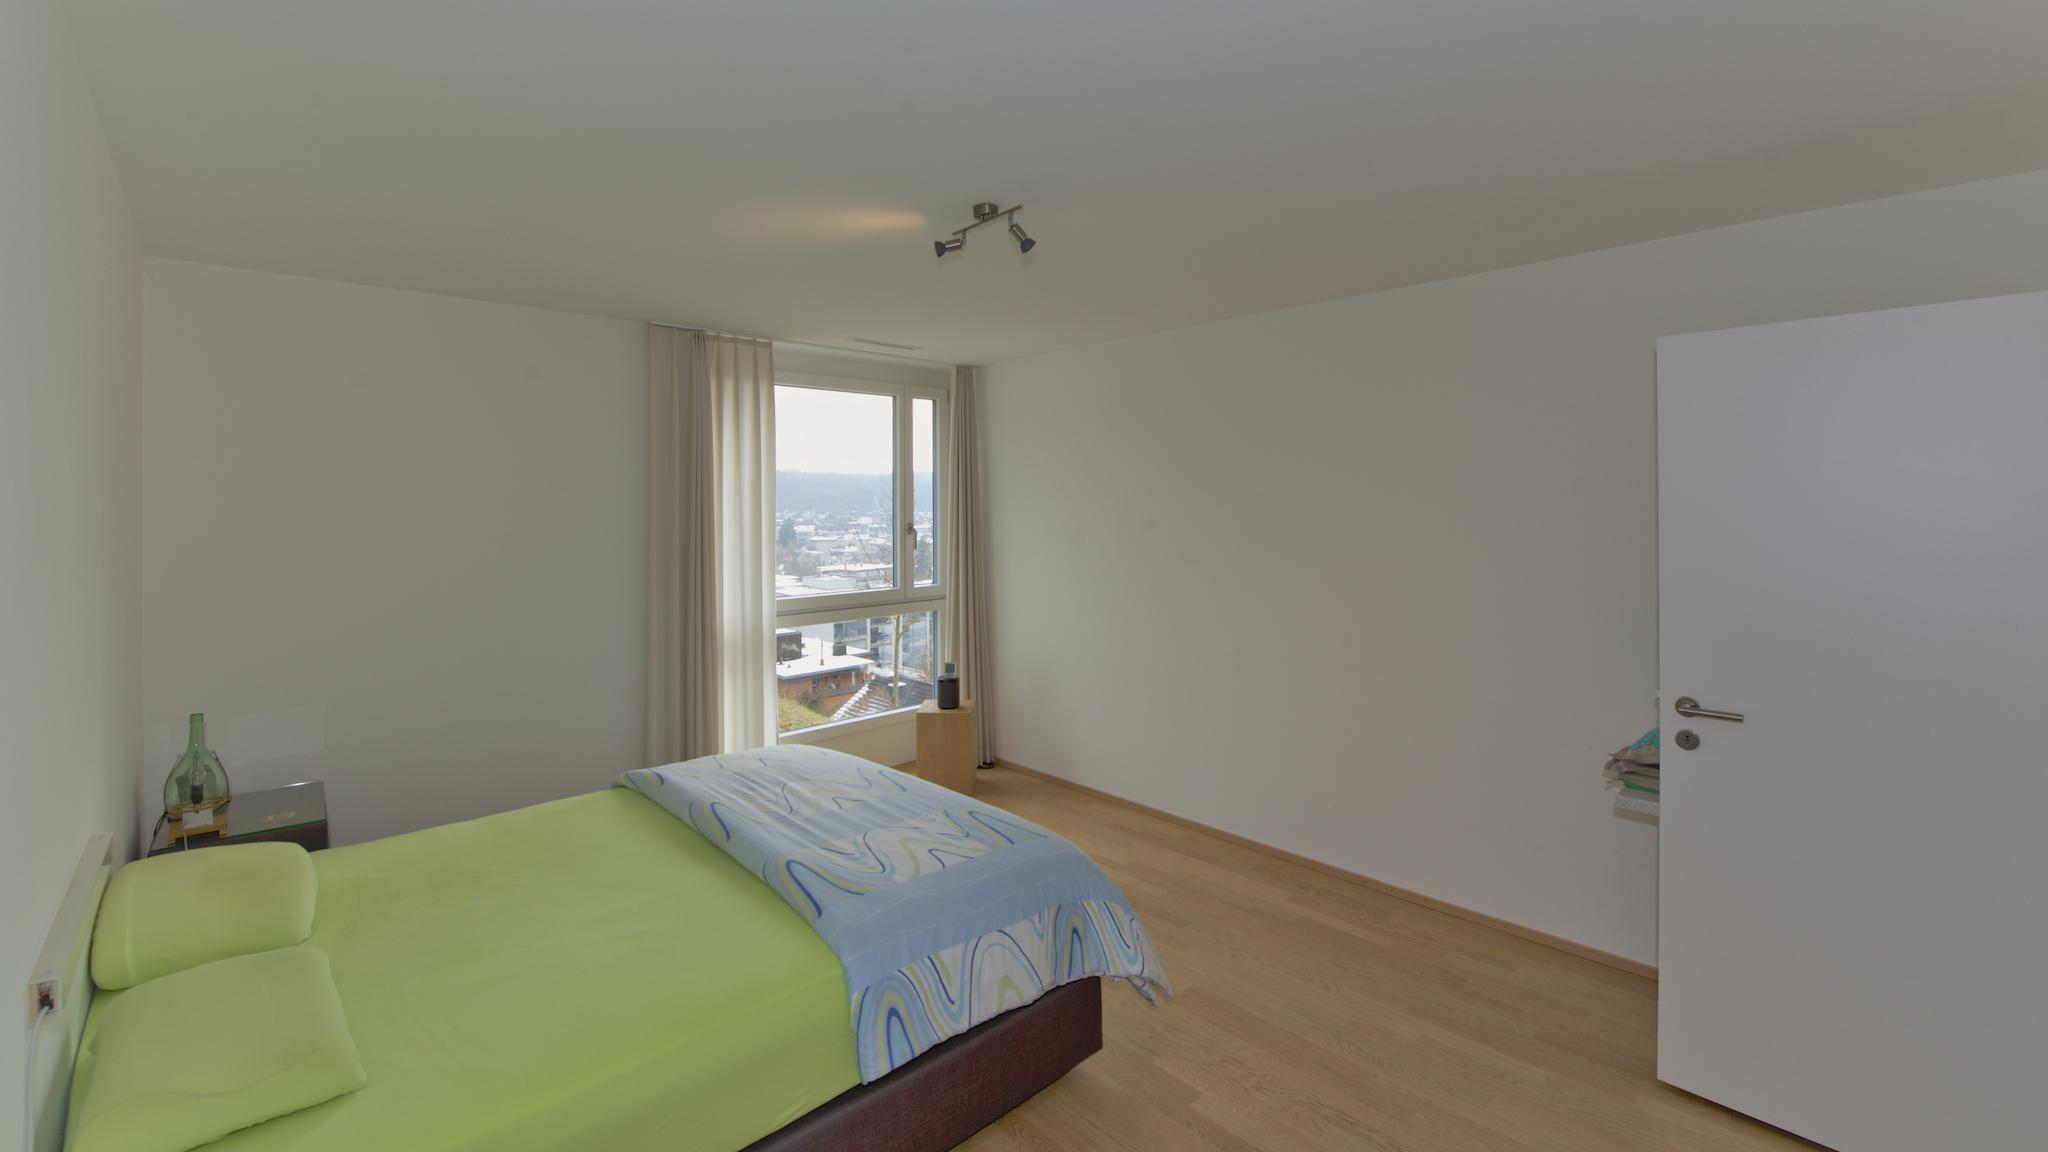 Schlafzimmer mit dem Blick über Töss